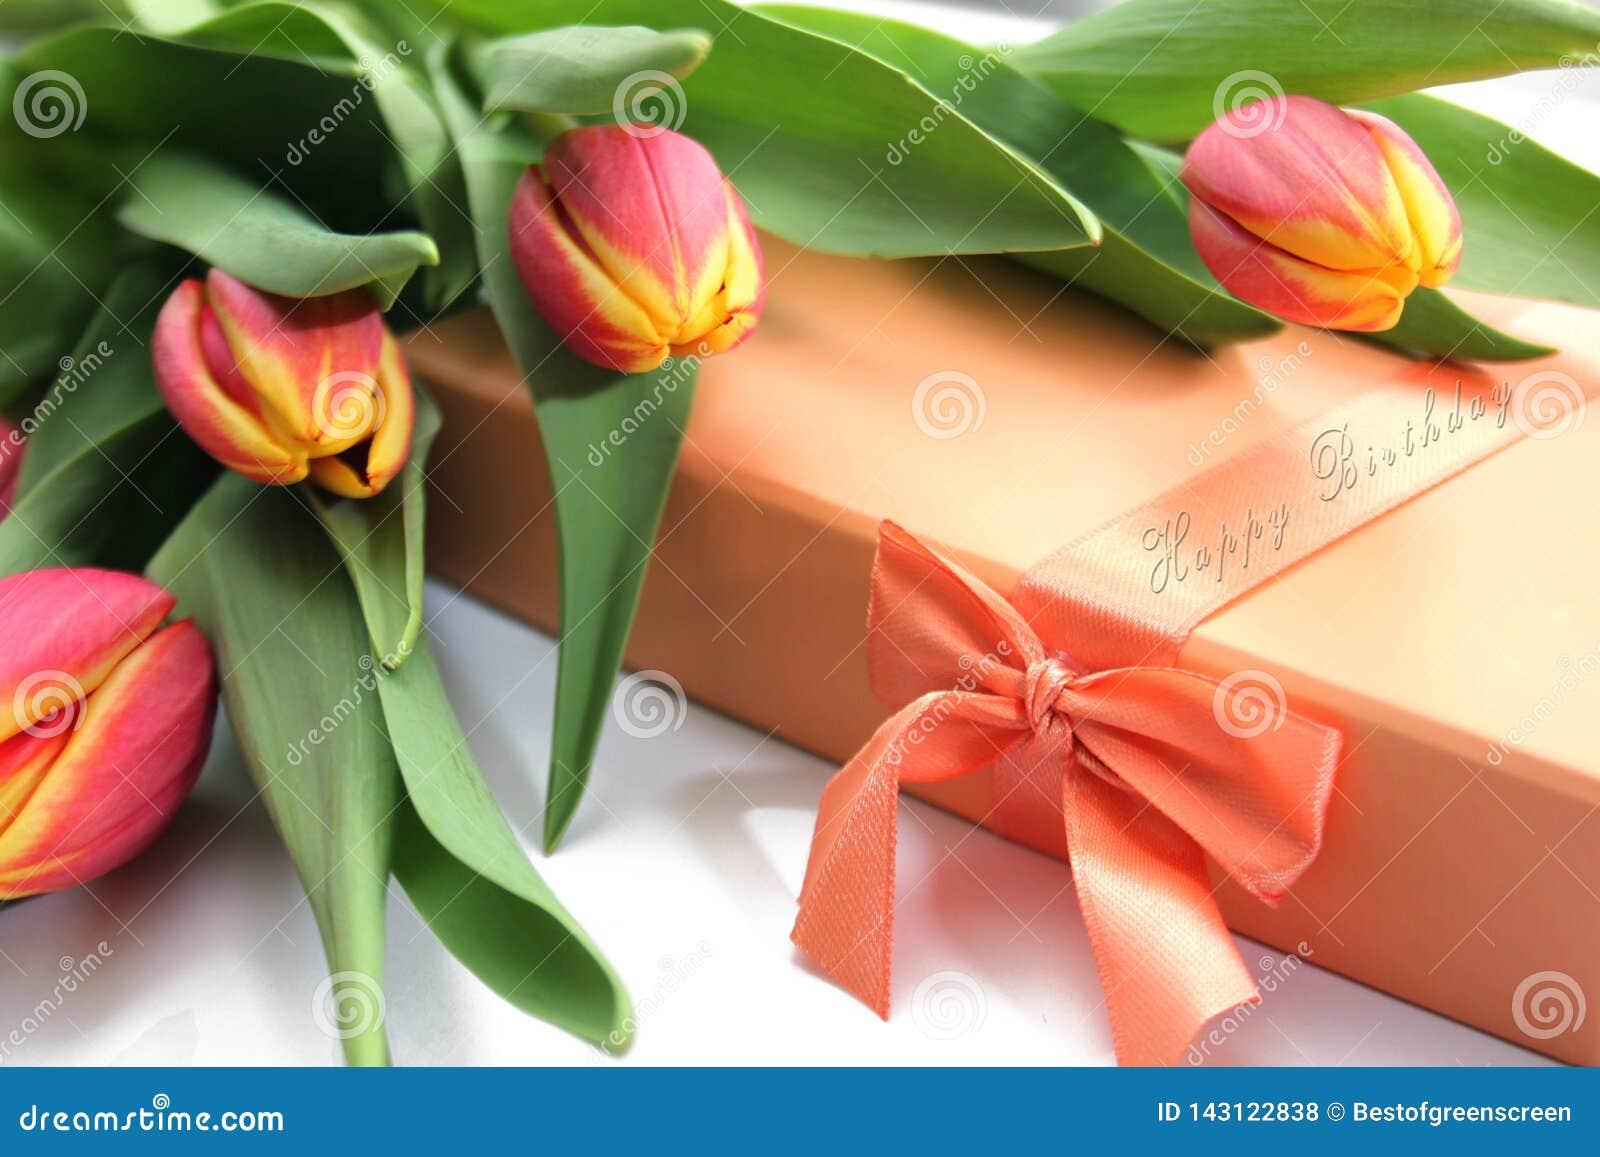 Оранжевые желтые тюльпаны, подарочная коробка и текст с днем рождений на петле